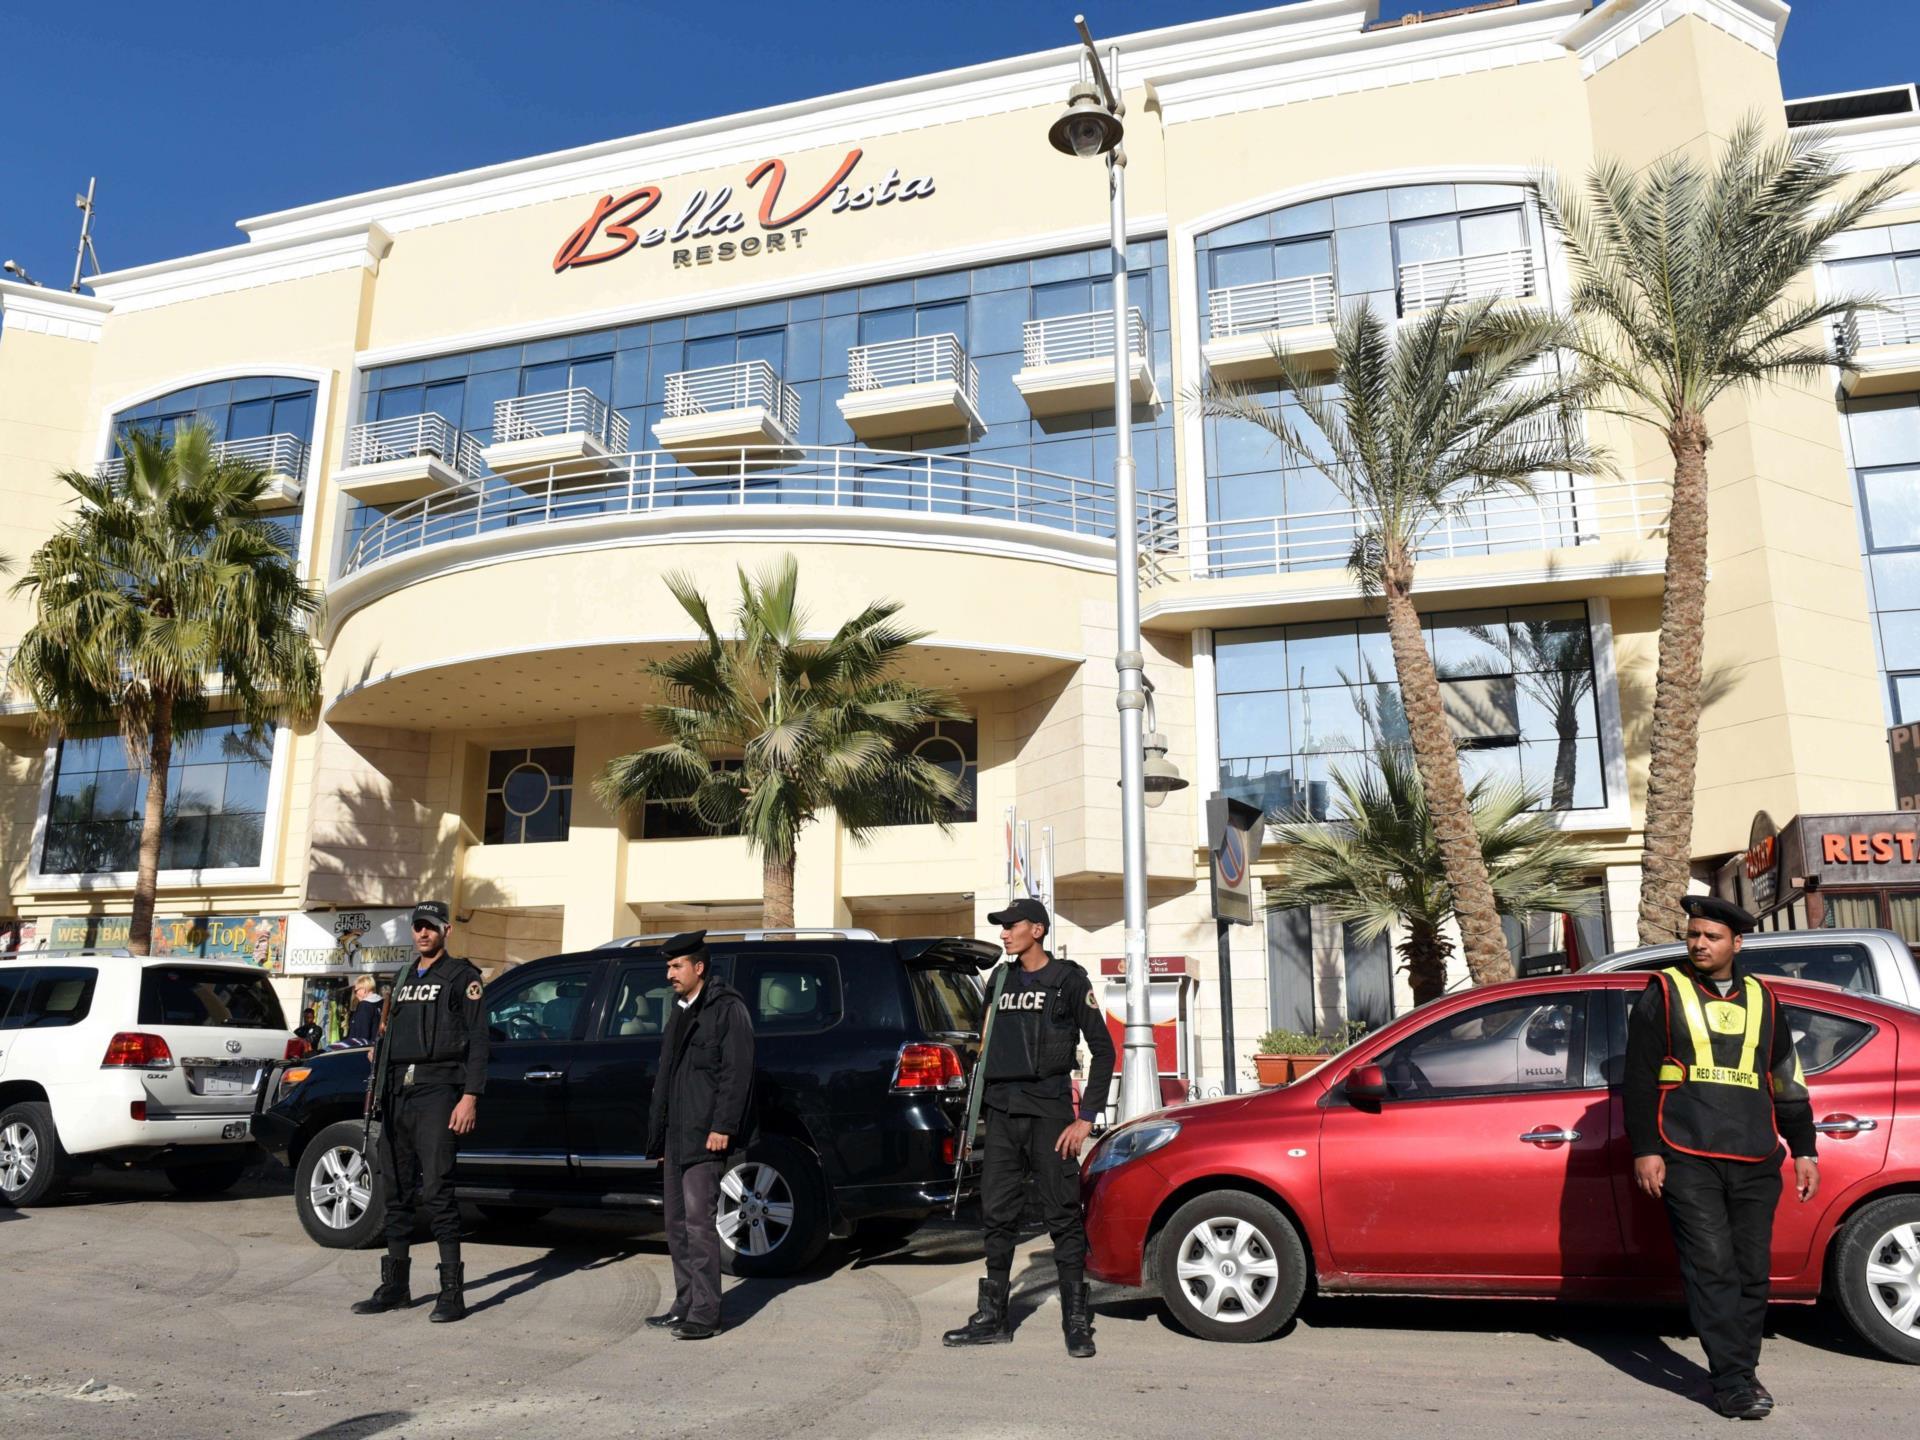 Примут ли, наконец, отели Египта дополнительные меры безопасности туристов, Туристам Коломны, турфирмы Тунис Национальный музей бассейн автобус